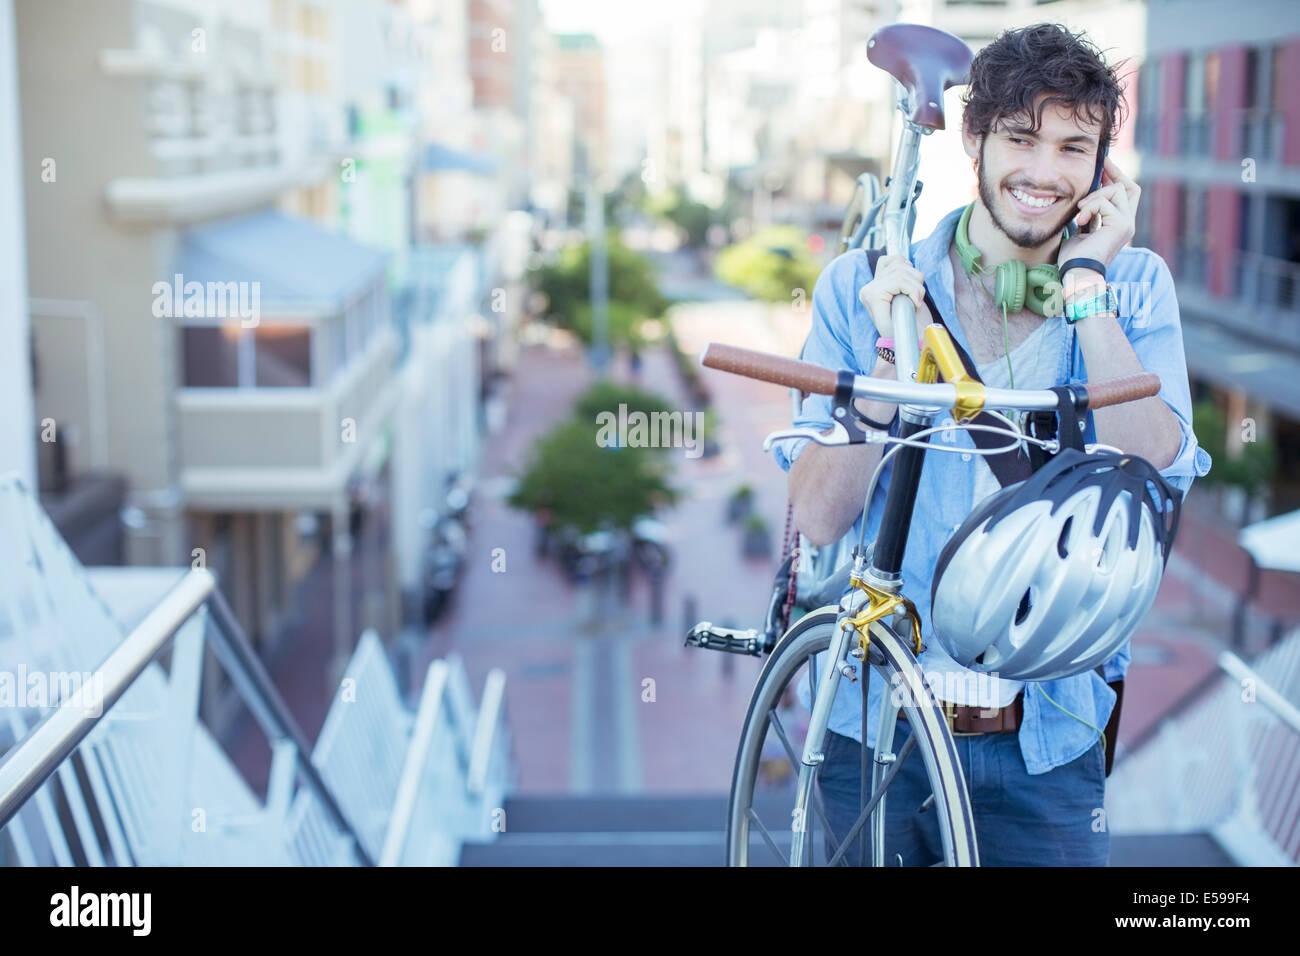 Uomo che porta bicicletta sulle fasi della città Immagini Stock